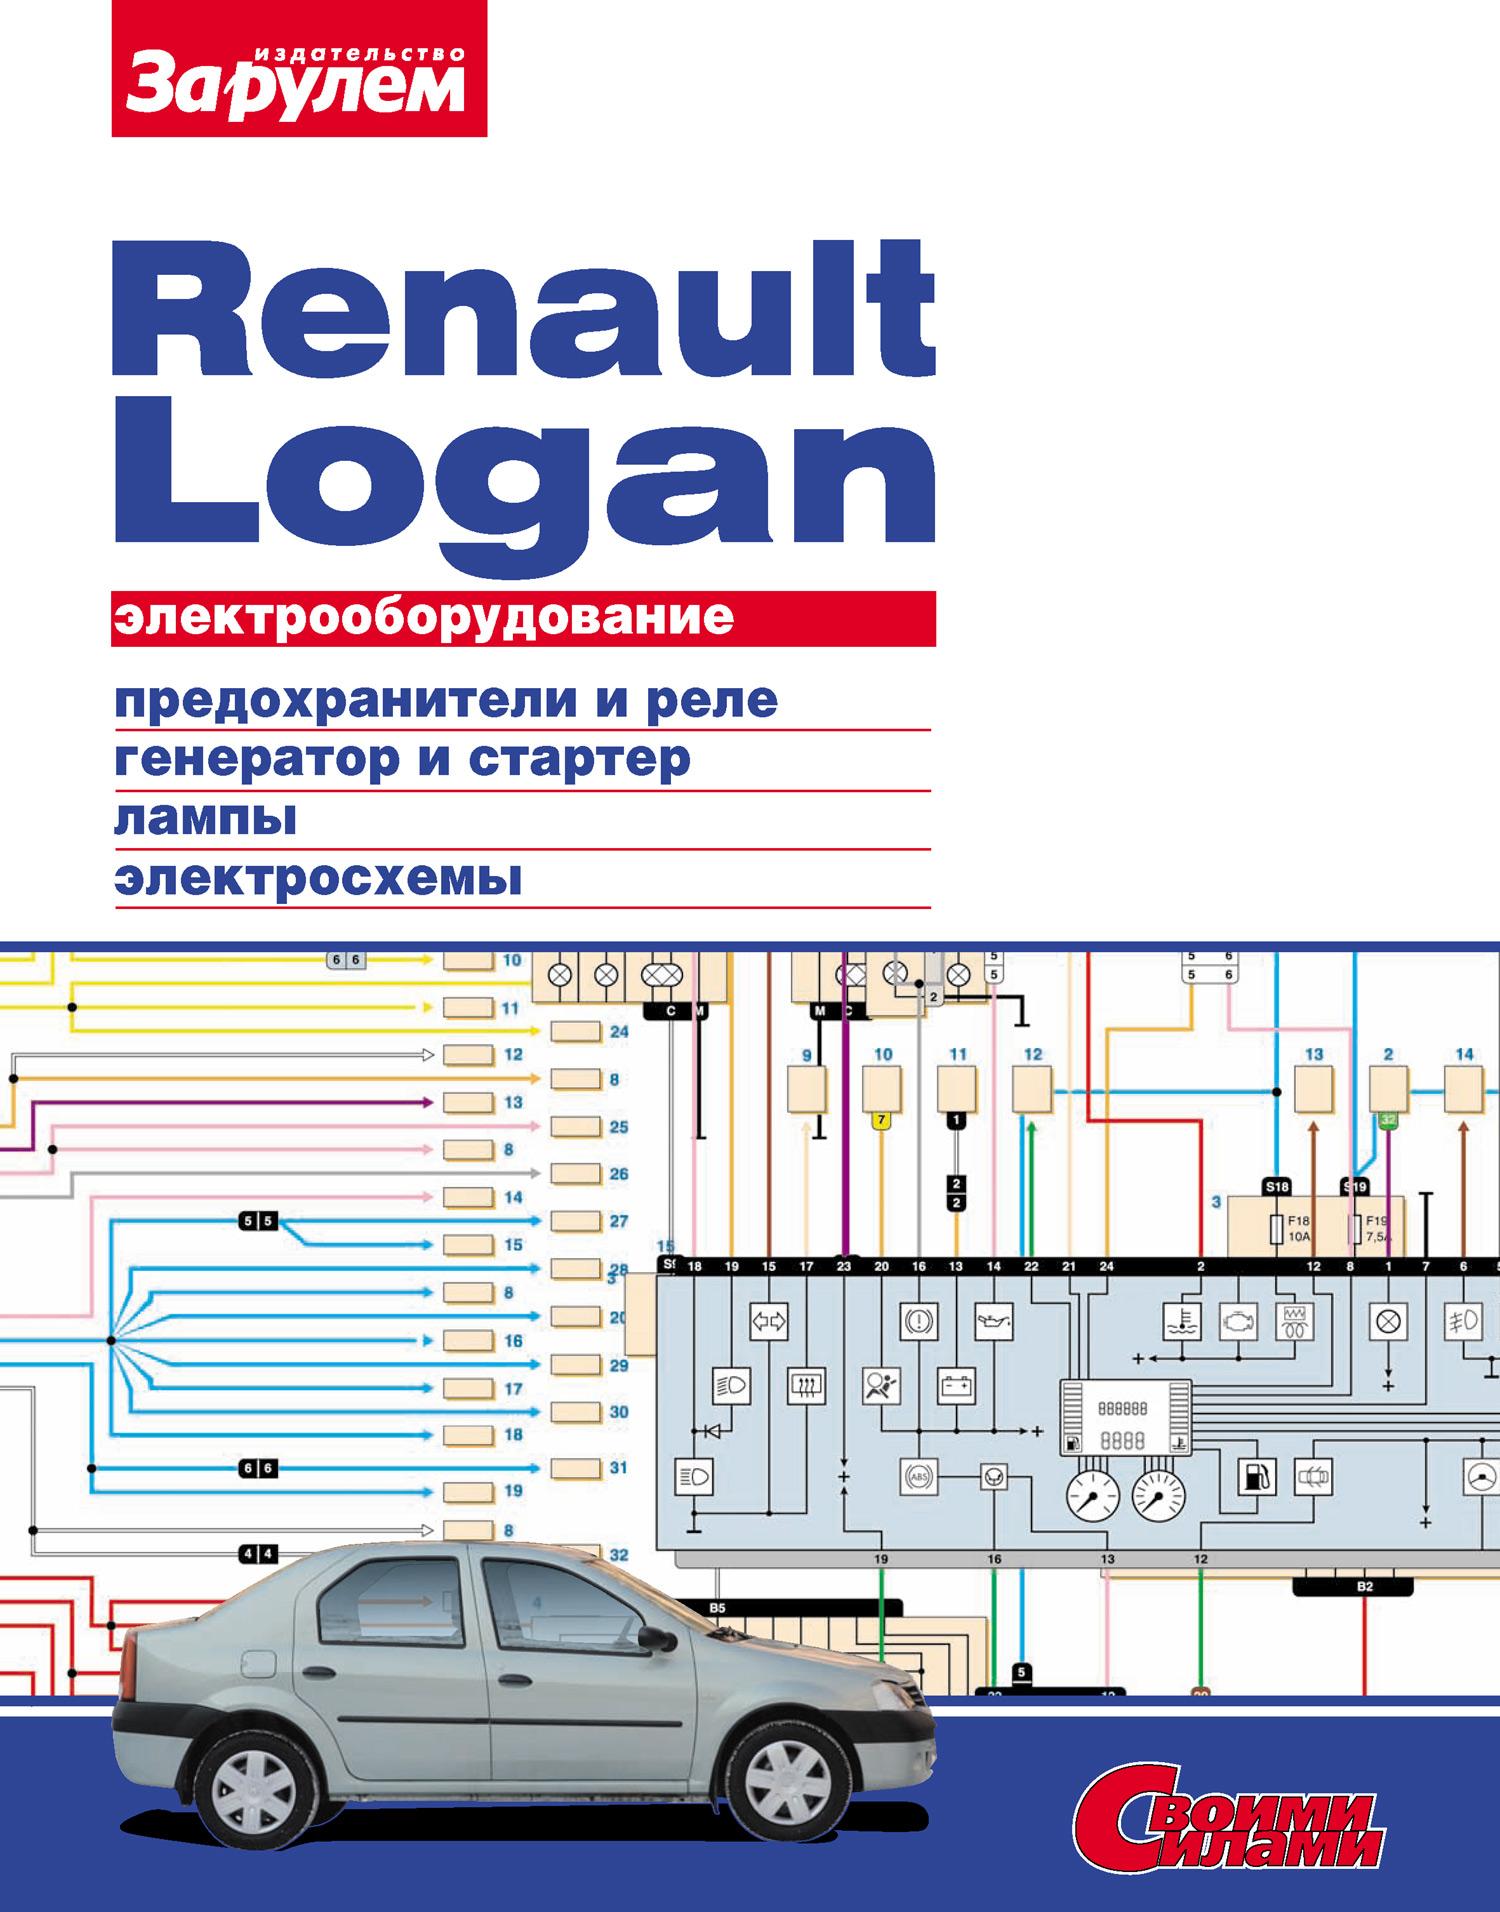 Отсутствует Электрооборудование Renault Logan. Иллюстрированное руководство ревин а ред электрооборудование автомобиля renault logan предохранители и реле генератор и стартер лампы электросхемы